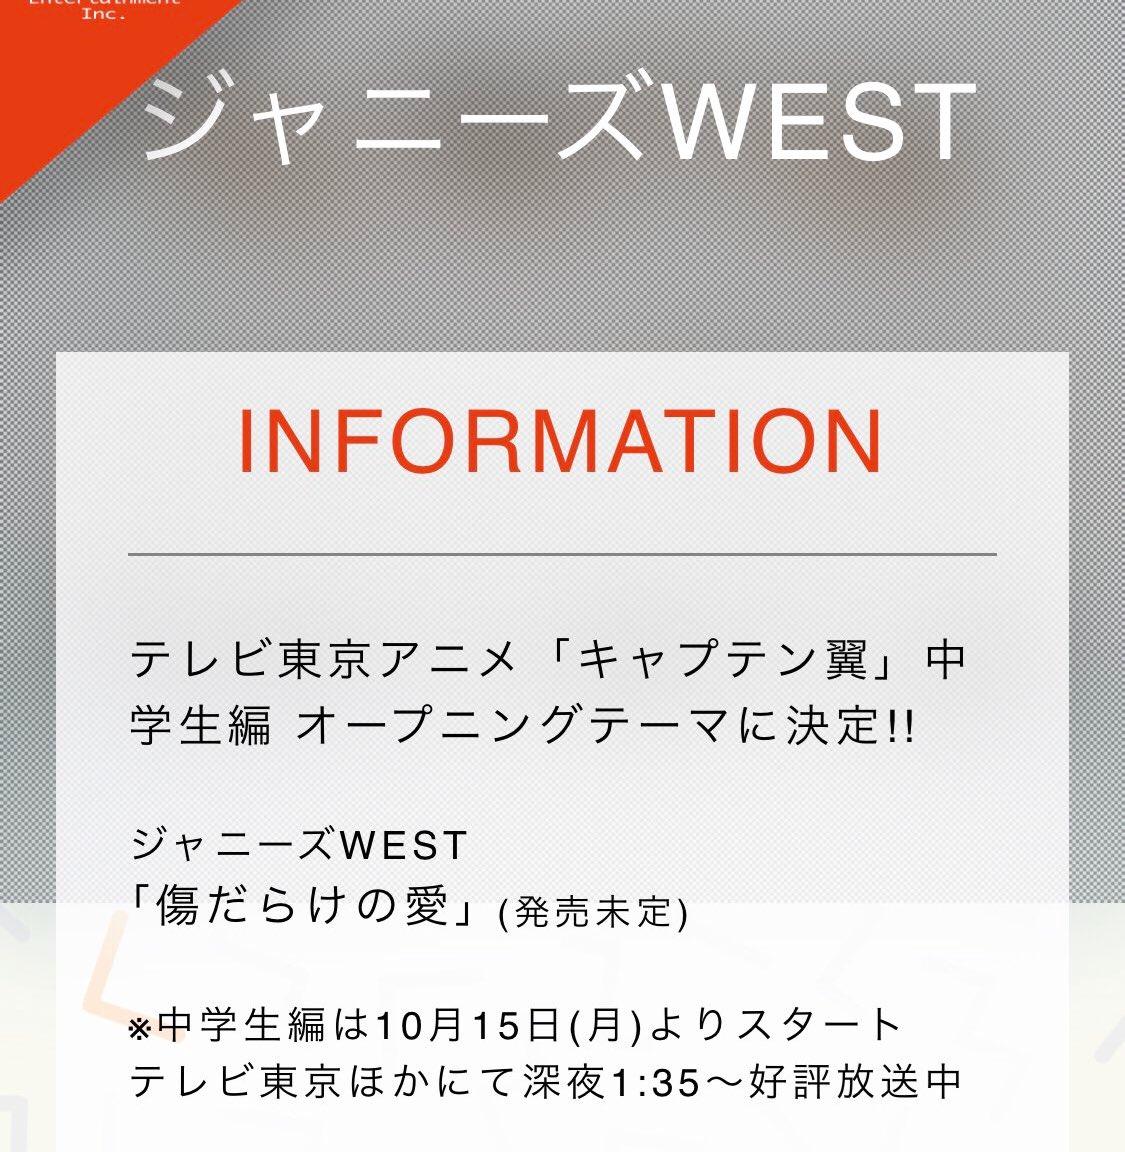 傷だらけの愛 発売日 ジャニーズWEST 新曲